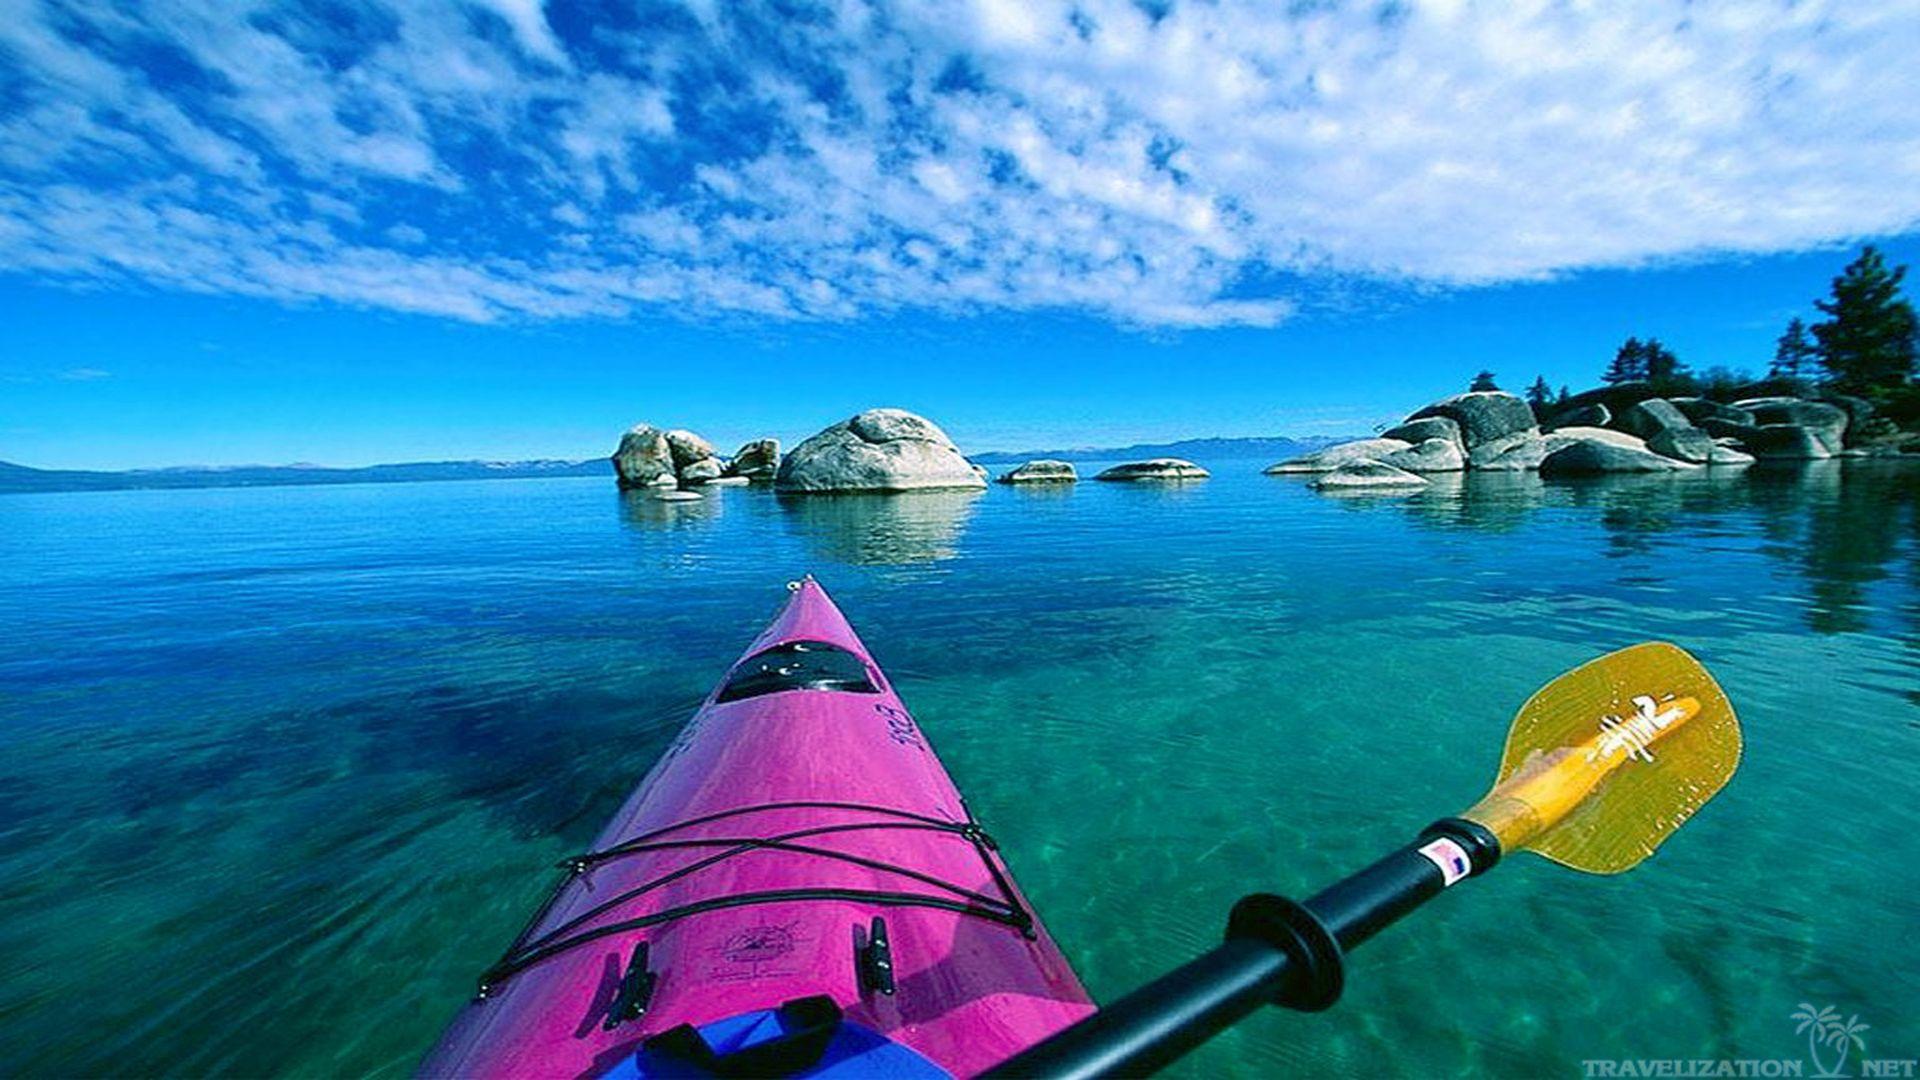 Amazing Kayak Wallpaper 8997